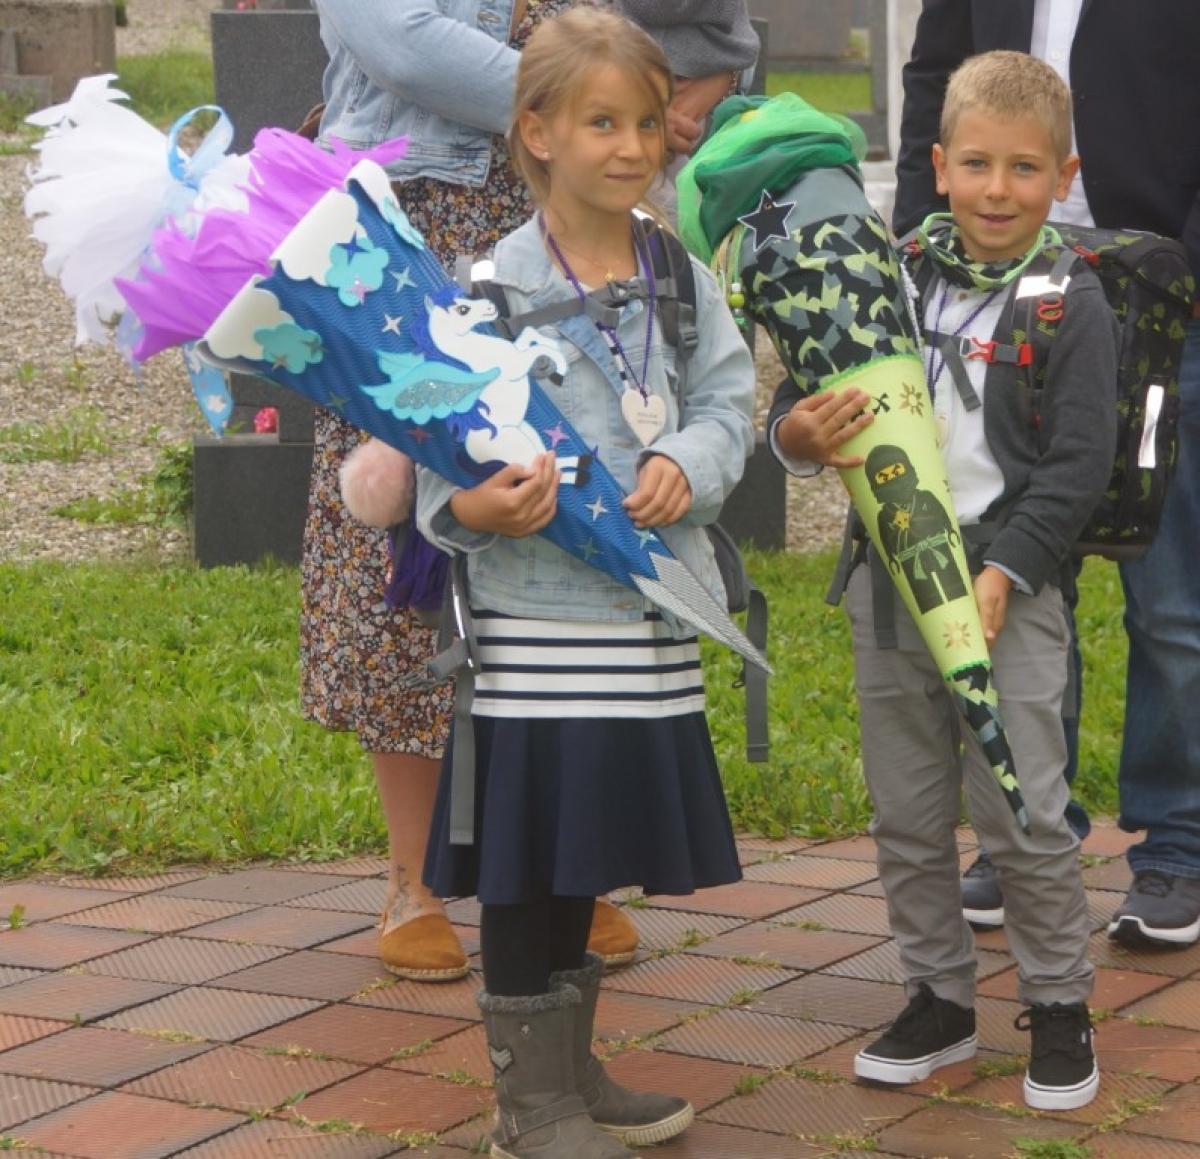 Der kleine Max und seine Cousine Anika freuen sich schon auf den ersten Schultag.